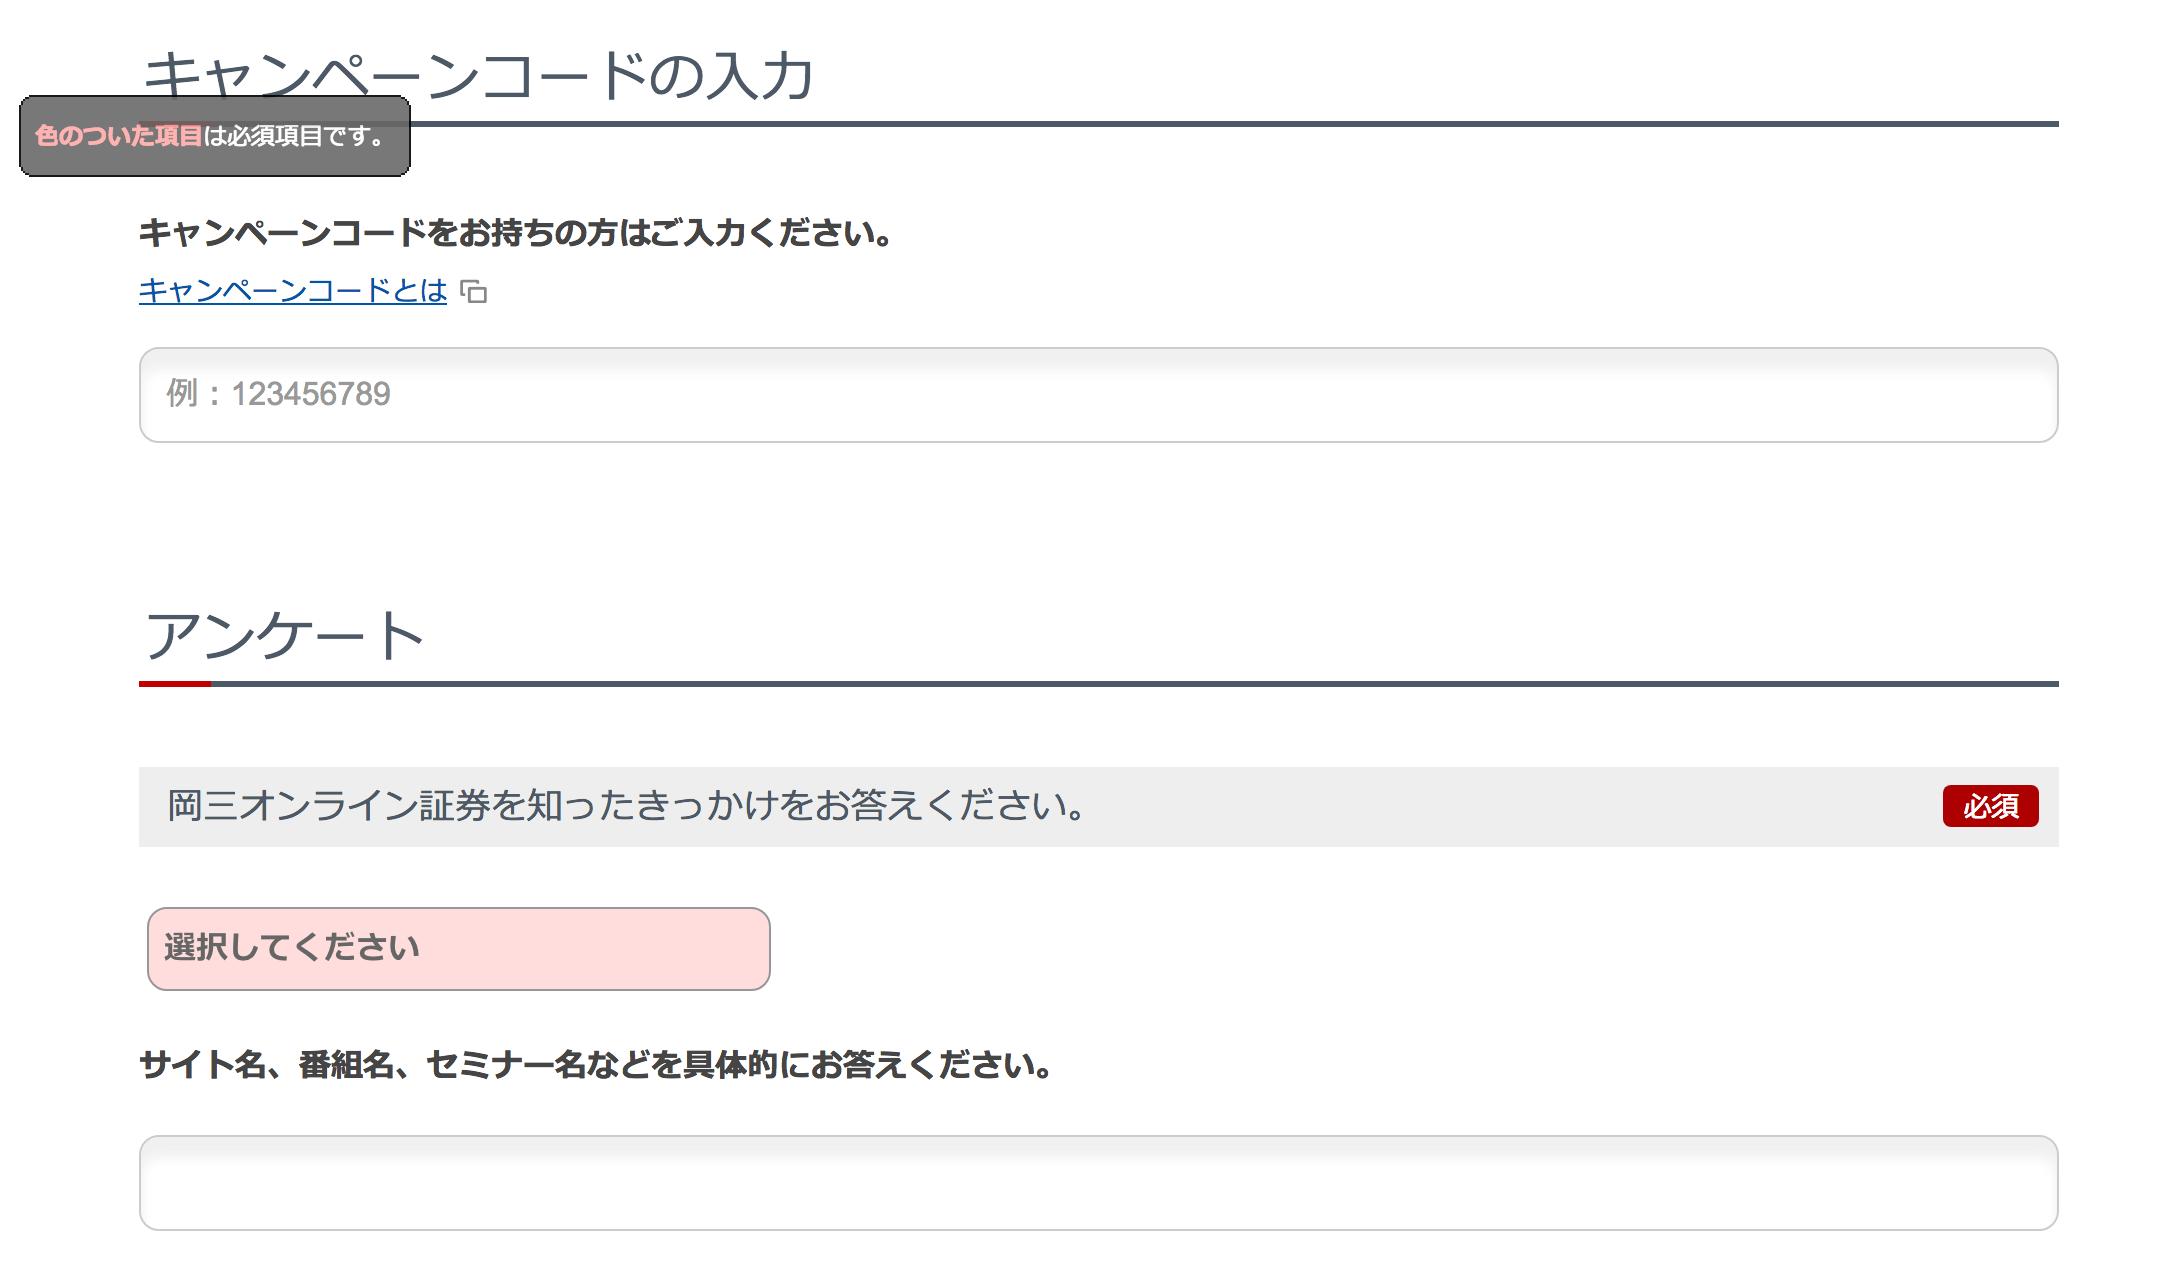 岡三オンライン証券キャンペーンコードの入力